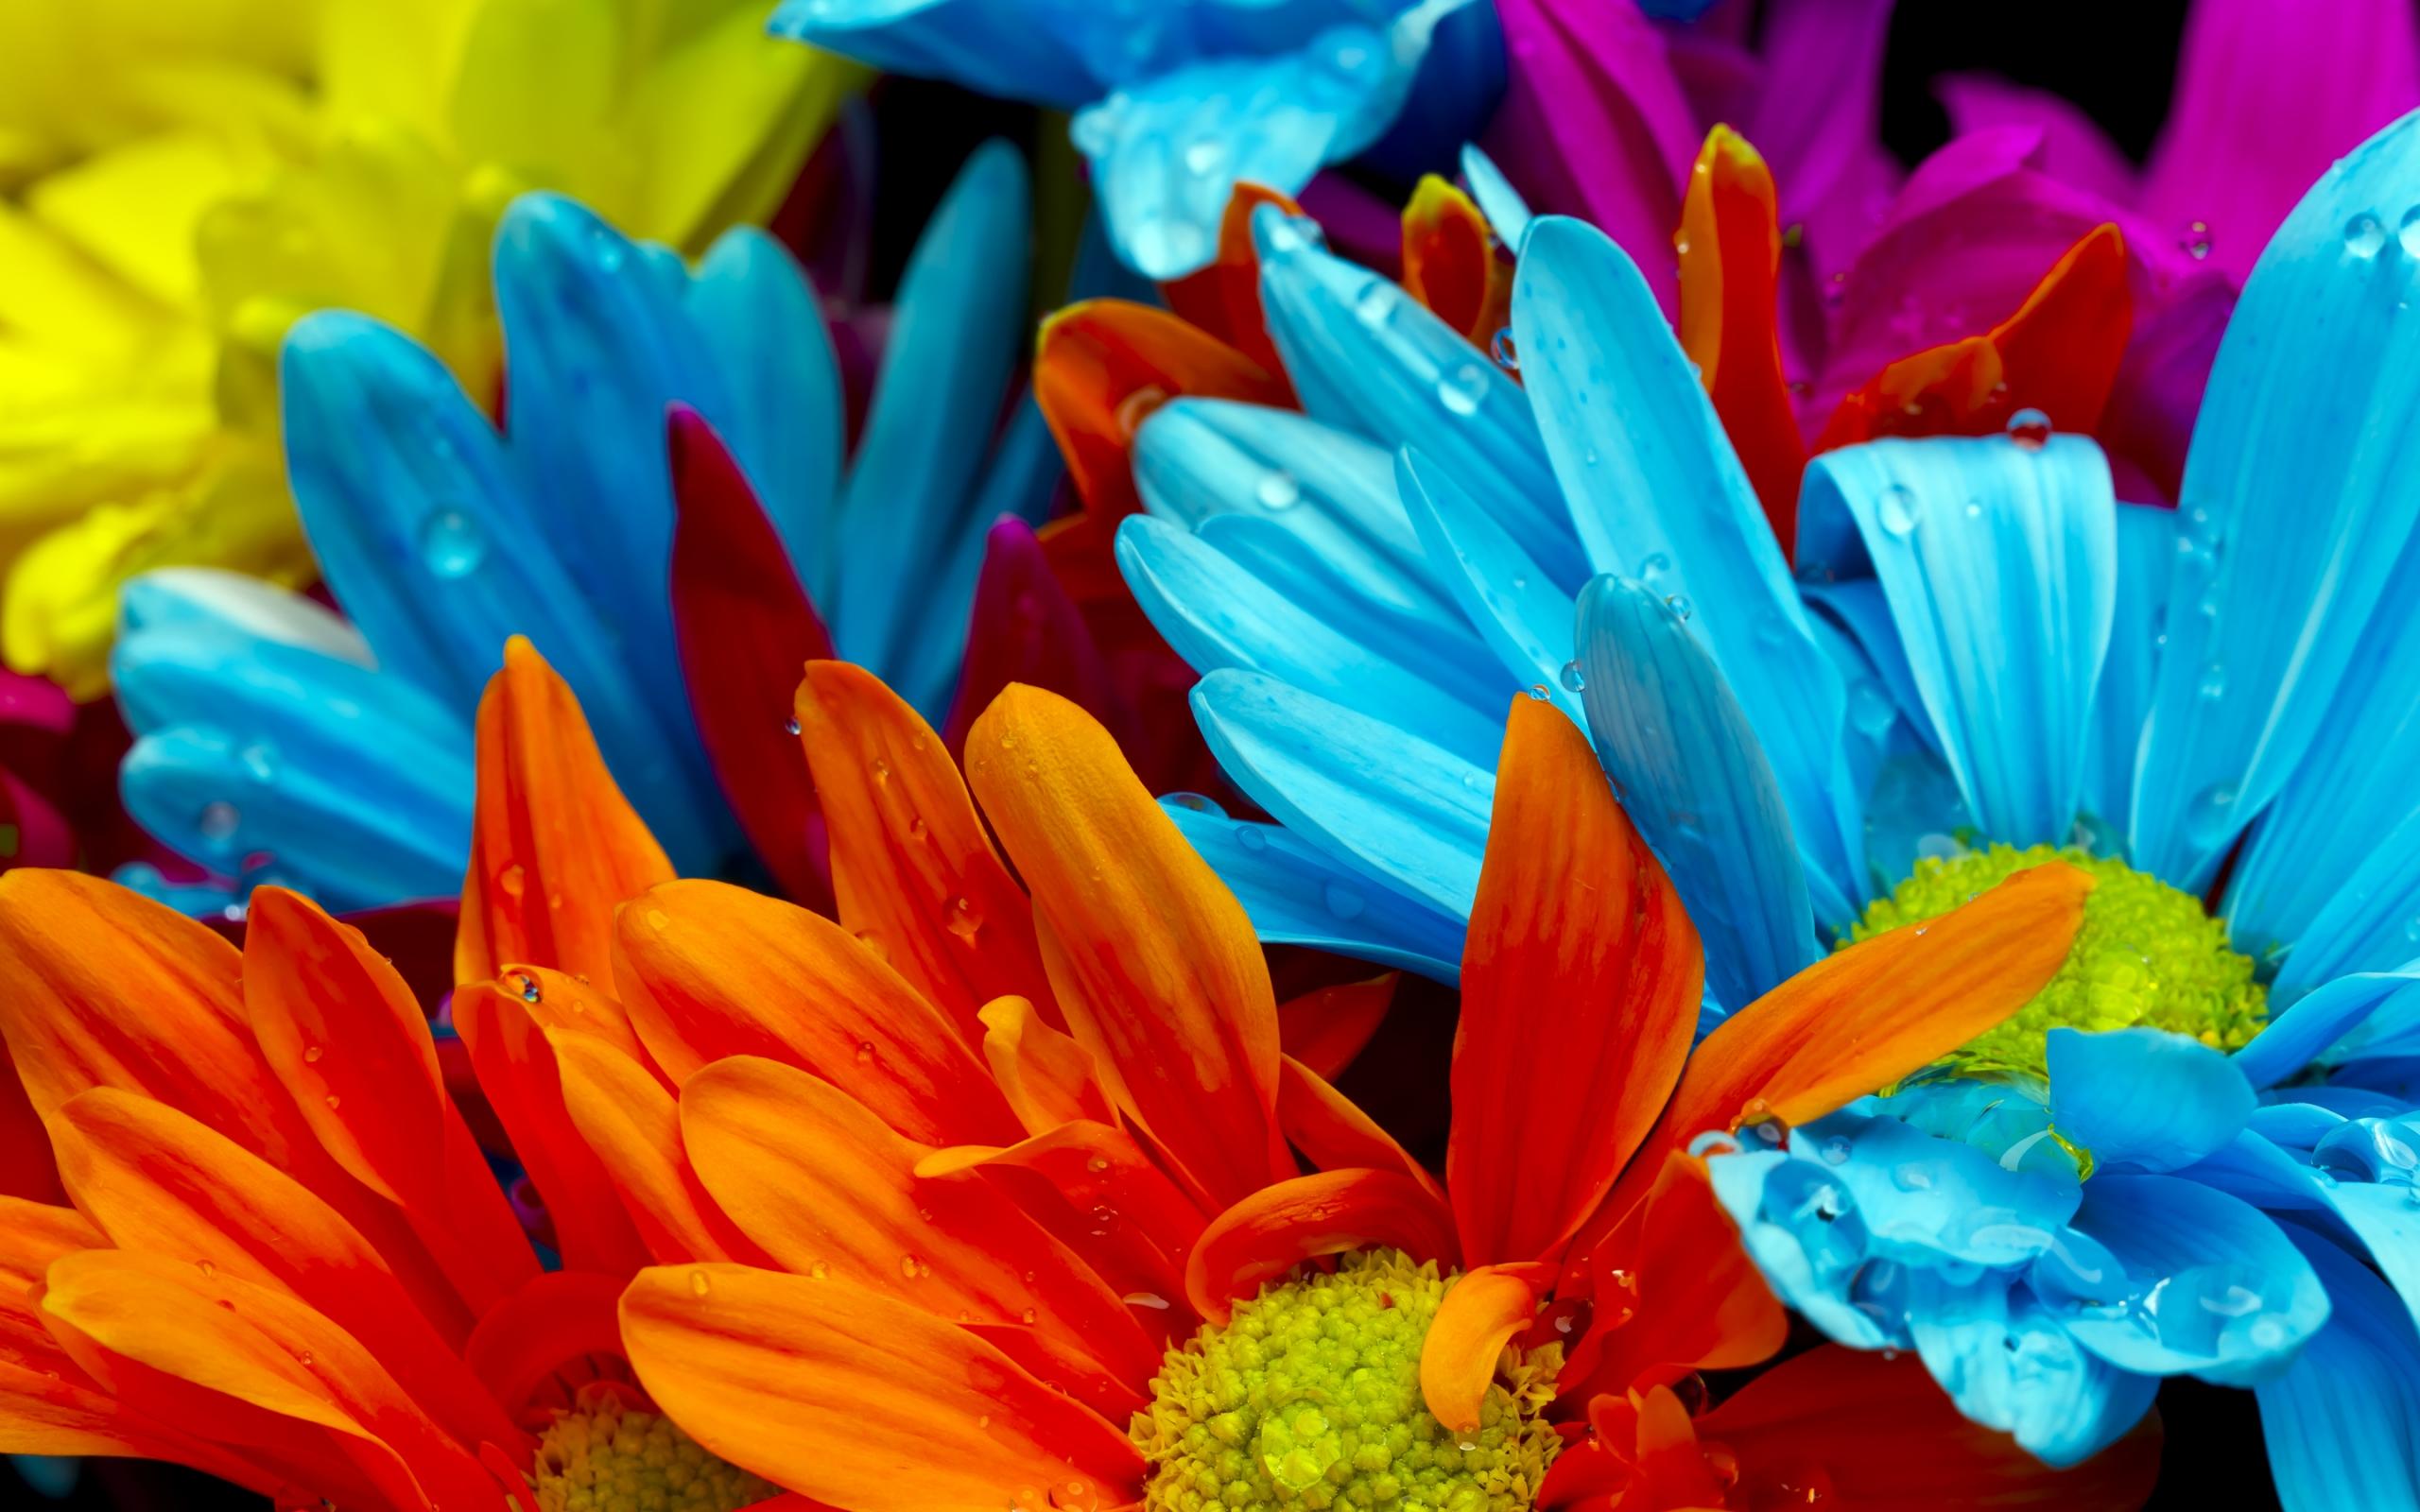 Картинки на телефон красивые цветы красочные, картинки женщине